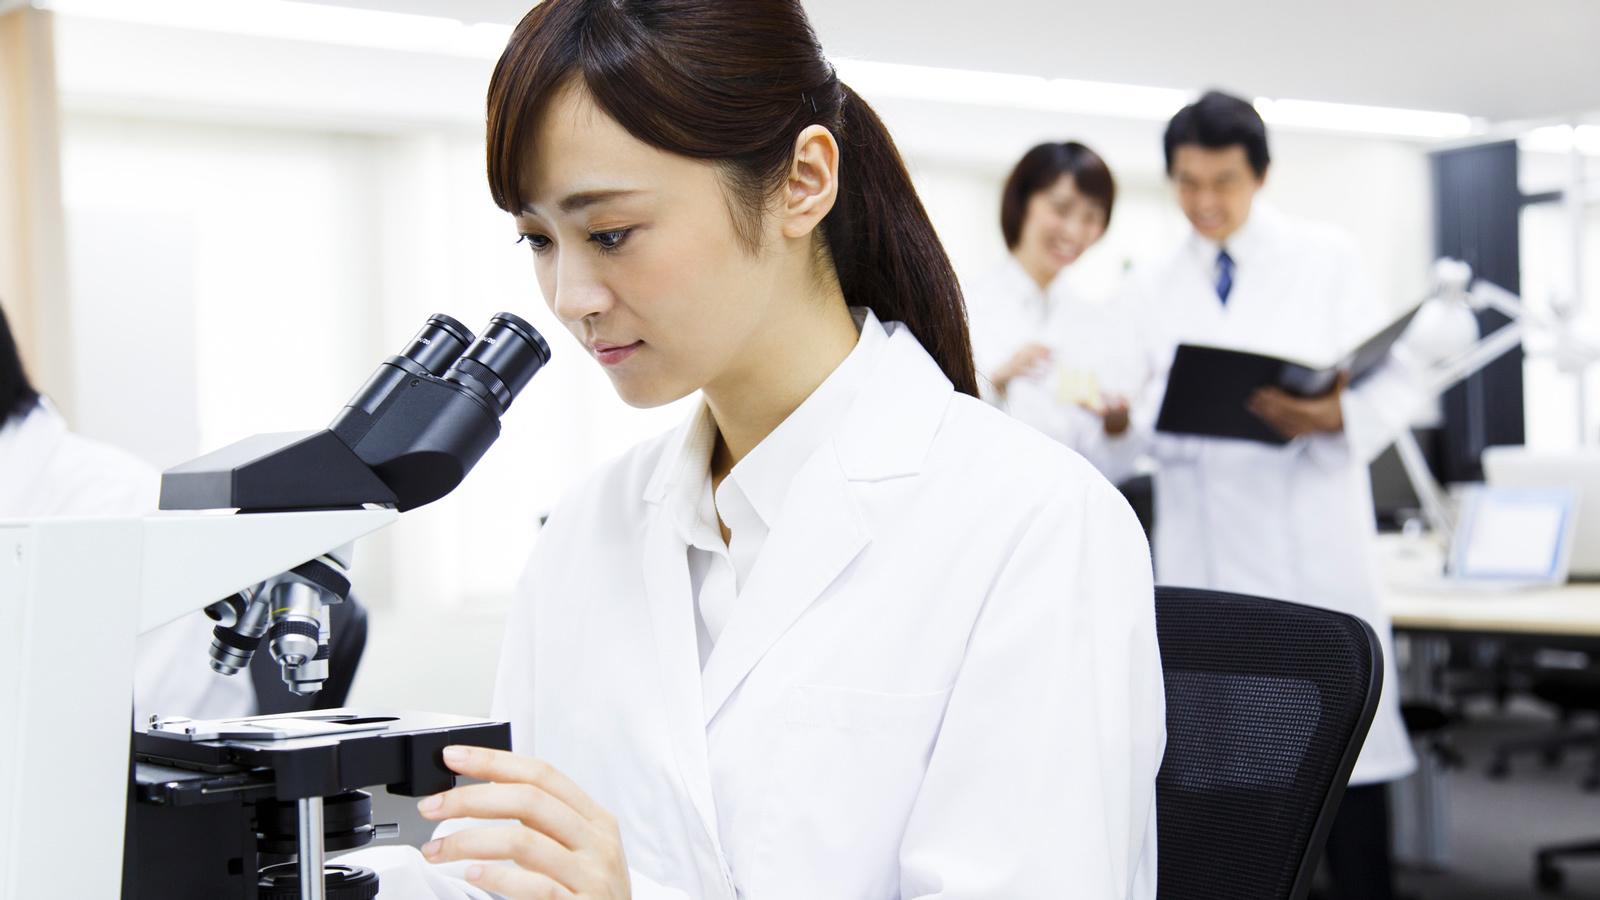 企業の研究開発に「女性が少なすぎる」大問題